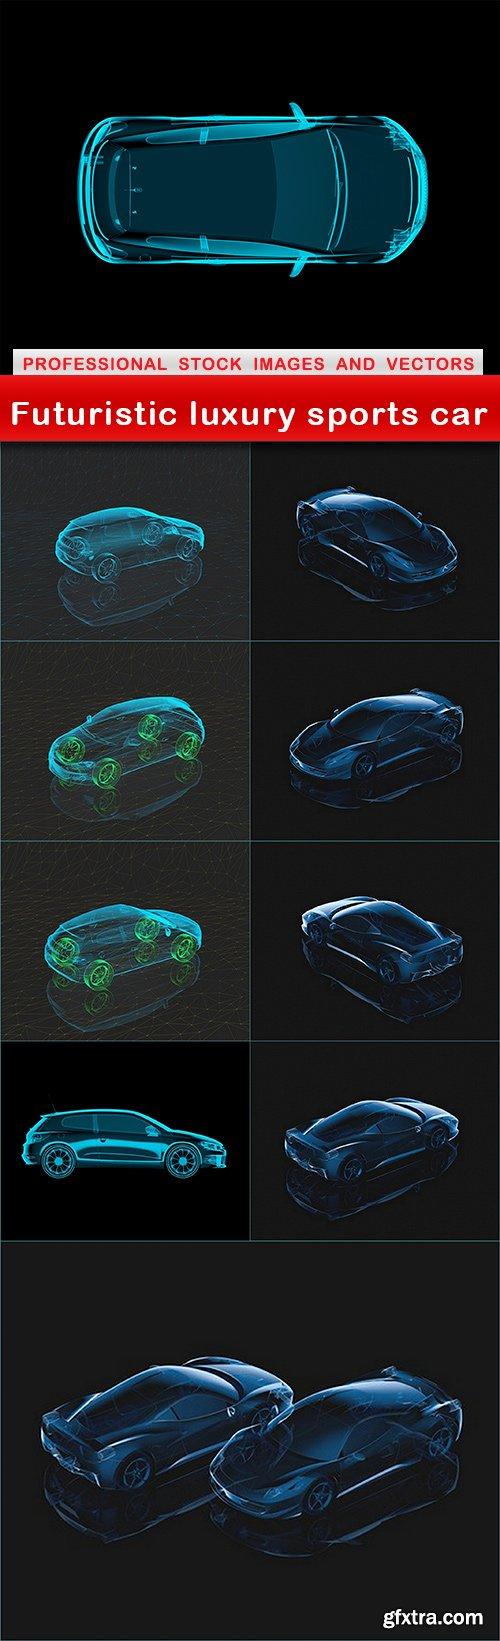 Futuristic luxury sports car - 10 UHQ JPEG